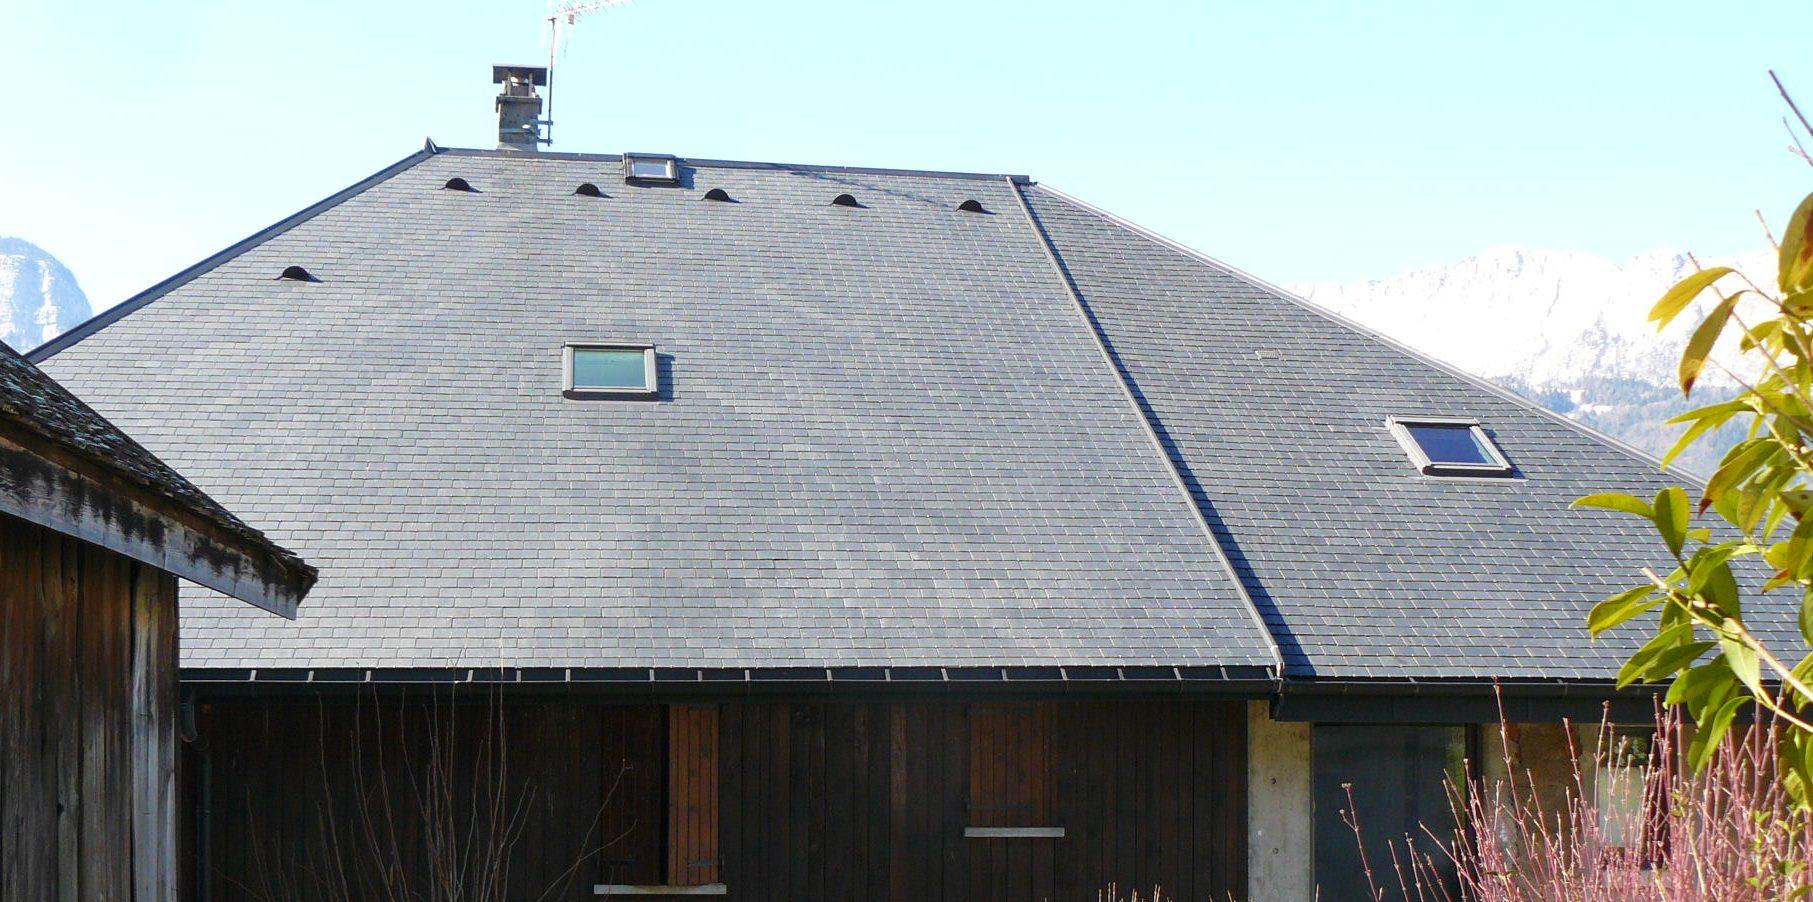 Couverture ardoises naturelles à Verthier/Doussard (74) Après